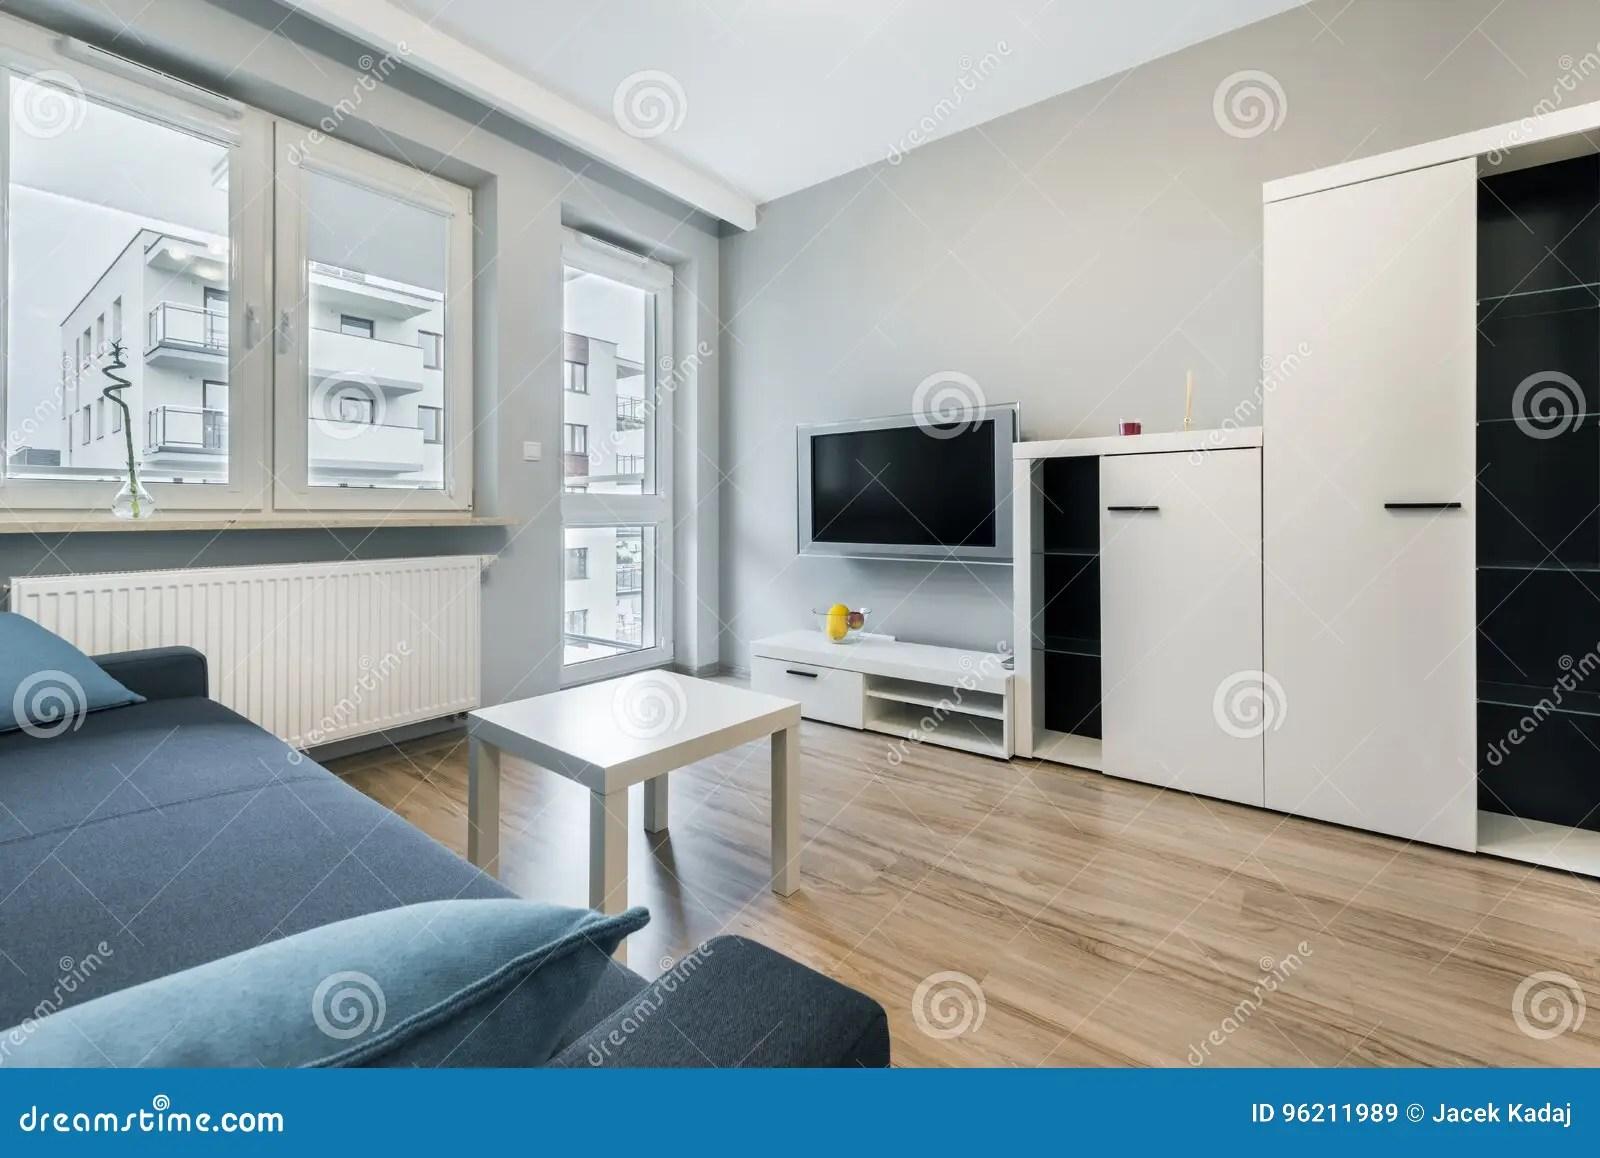 Moderne Woonkamer Met Grijze Muren Stock Afbeelding